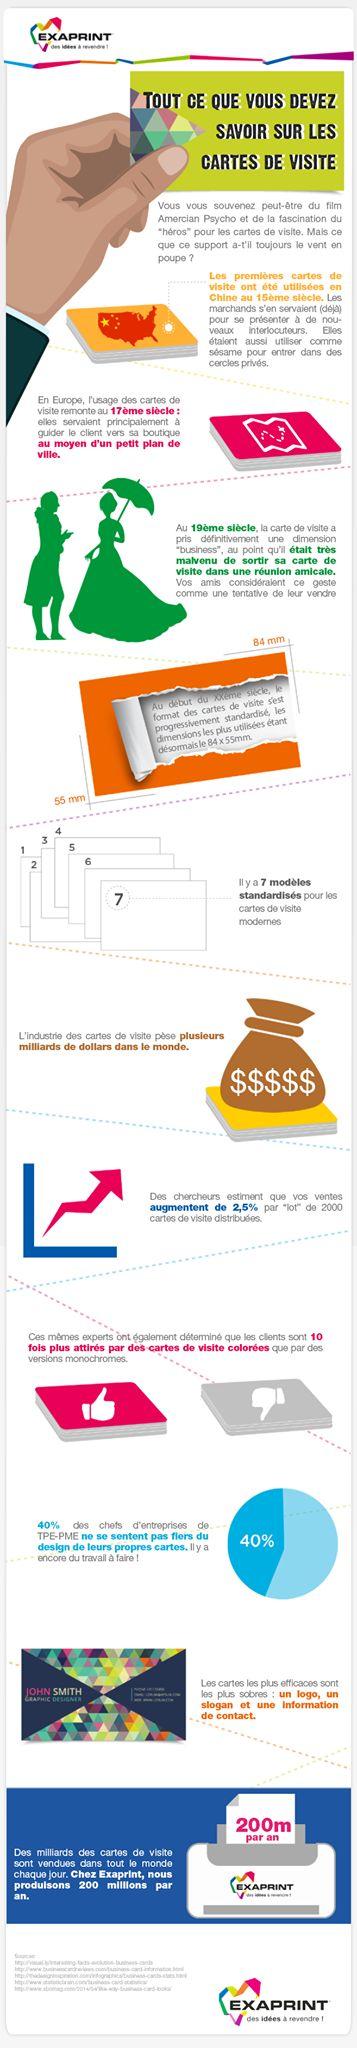 [ #ExaInfographie ] Voici tout ce que vous devez savoir sur les cartes de visite #PourVousInspirer  http://blog.exaprint.fr/cartes_de_visite_savoir/